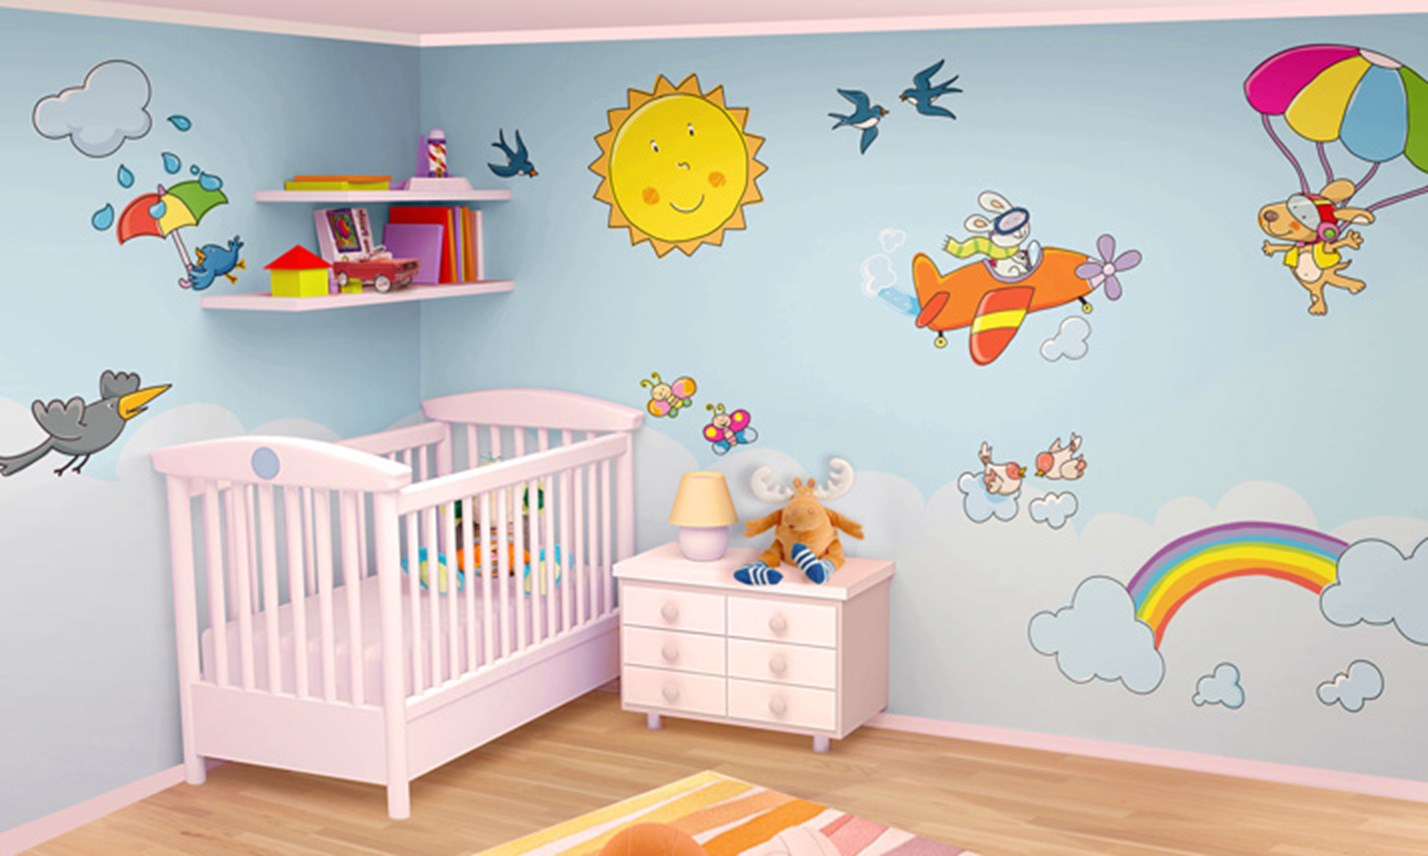 Come decorare la cameretta great decorazioni a parete con for Decorare una stanza per bambini